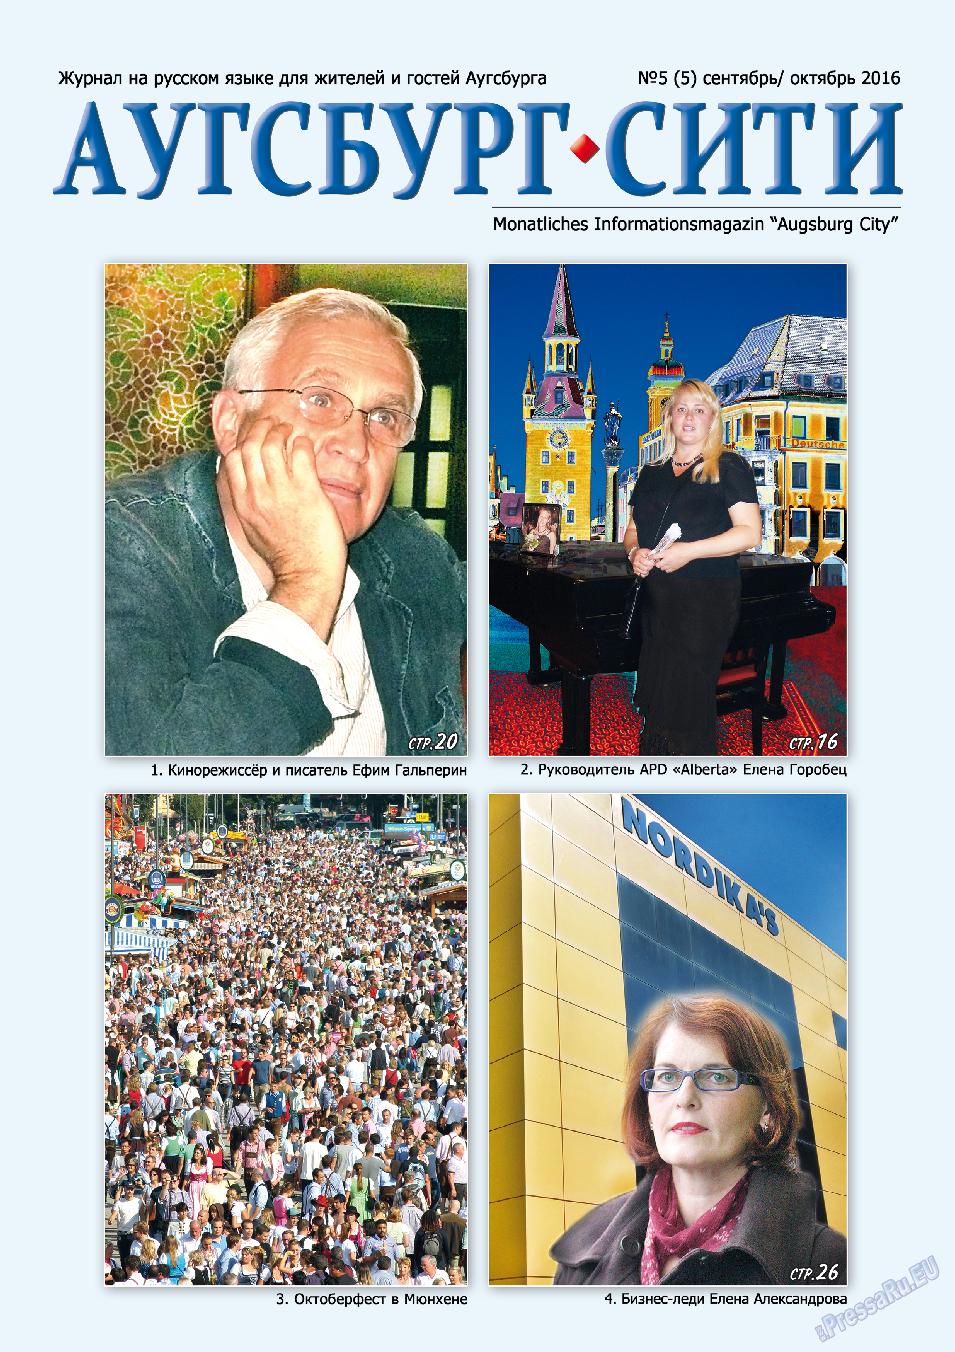 Аугсбург-сити (журнал). 2016 год, номер 5, стр. 1